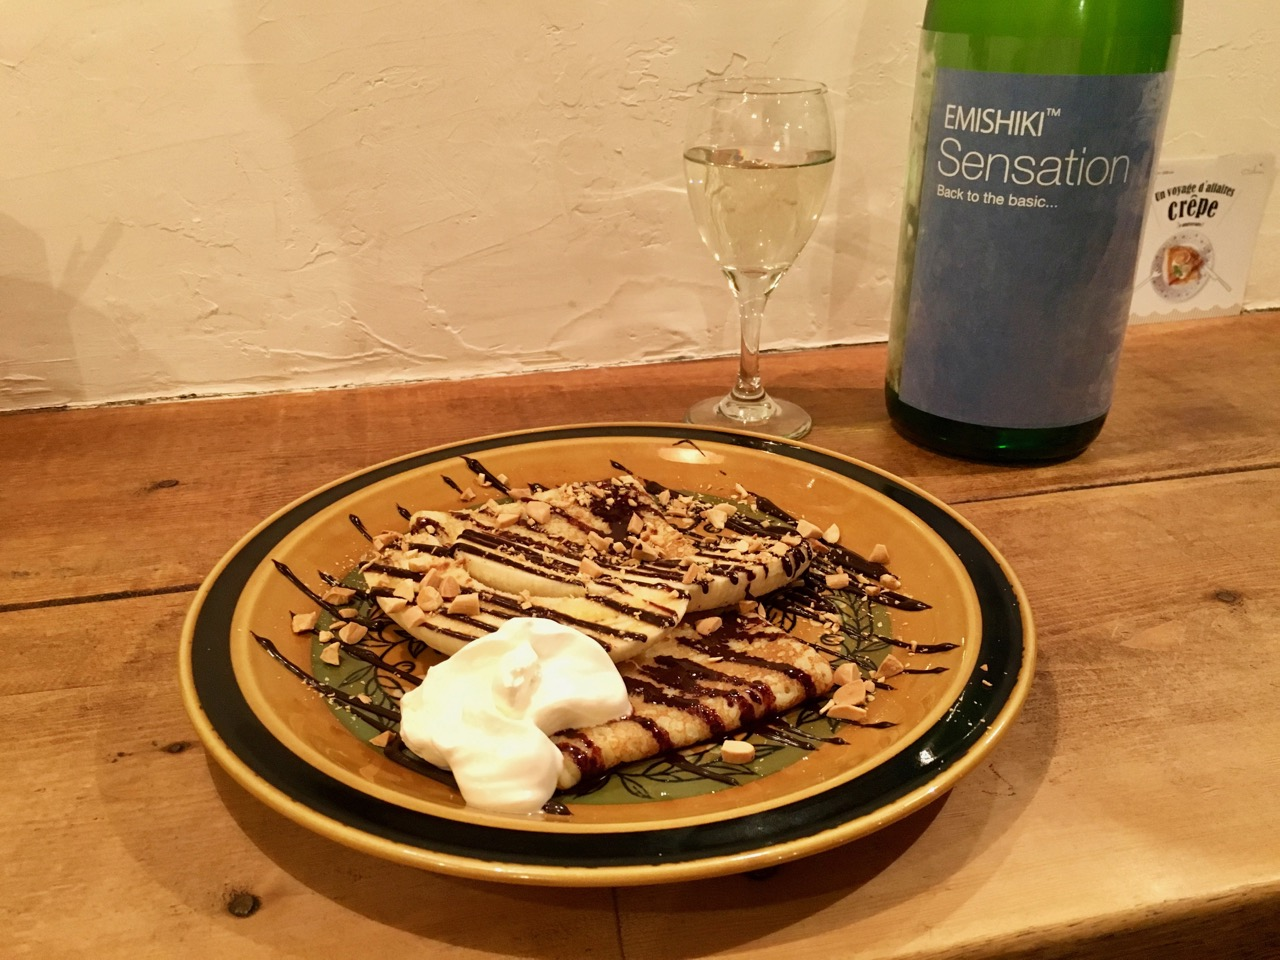 バナナとチョコソースとスペインのアーモンドのクレープとEMISHIKI Sensation 青ラベル!@喫茶ムギ